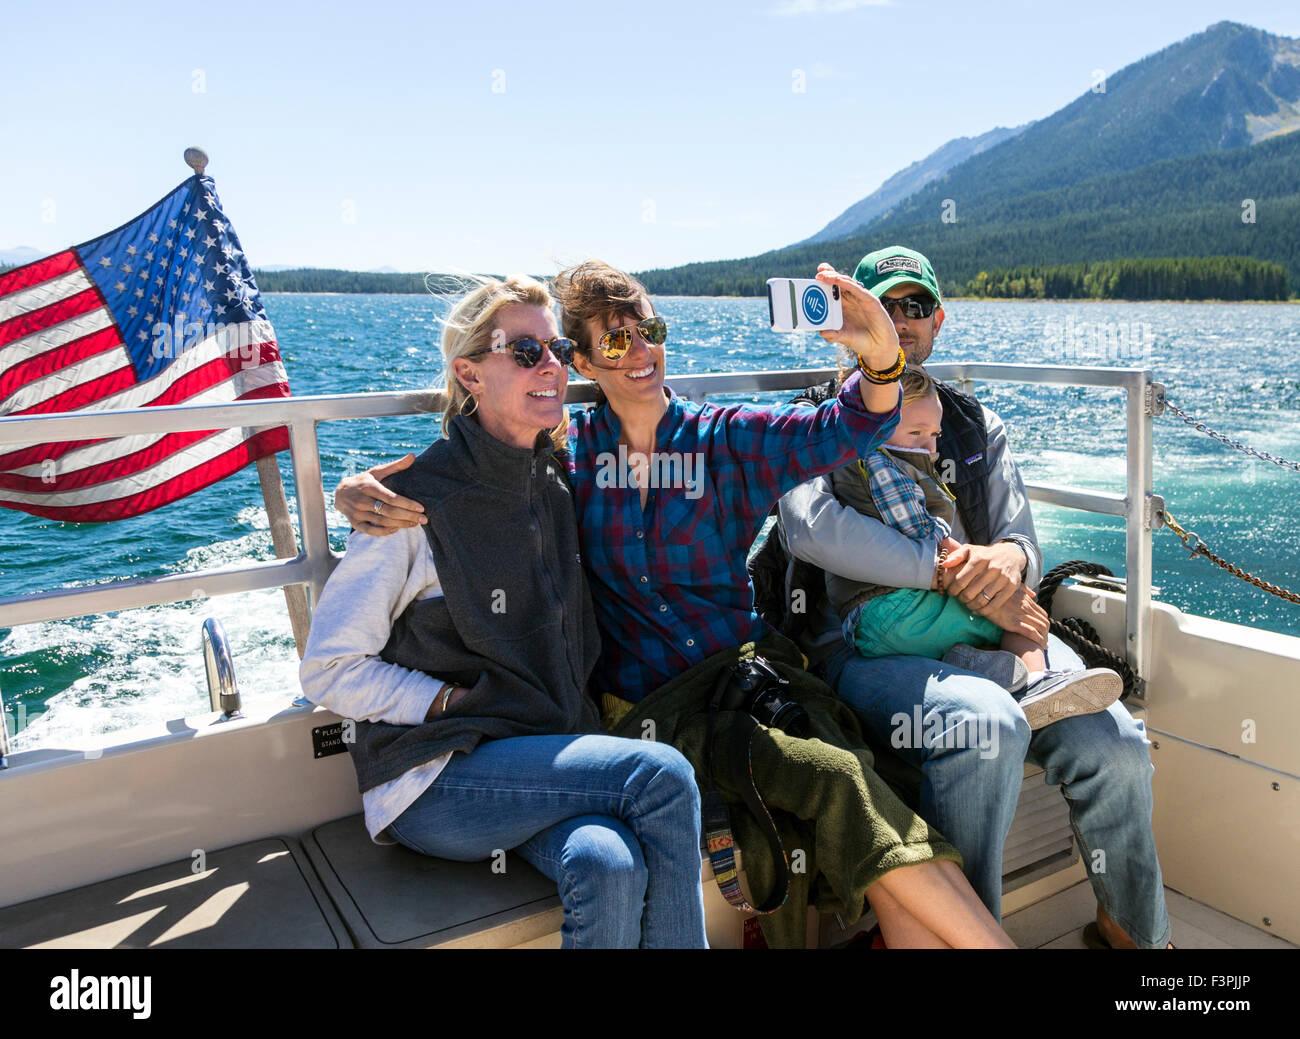 Teniendo familia selfie imagen en barco turístico; el Lago Jackson; parque nacional Grand Teton, Wyoming, EE.UU. Imagen De Stock